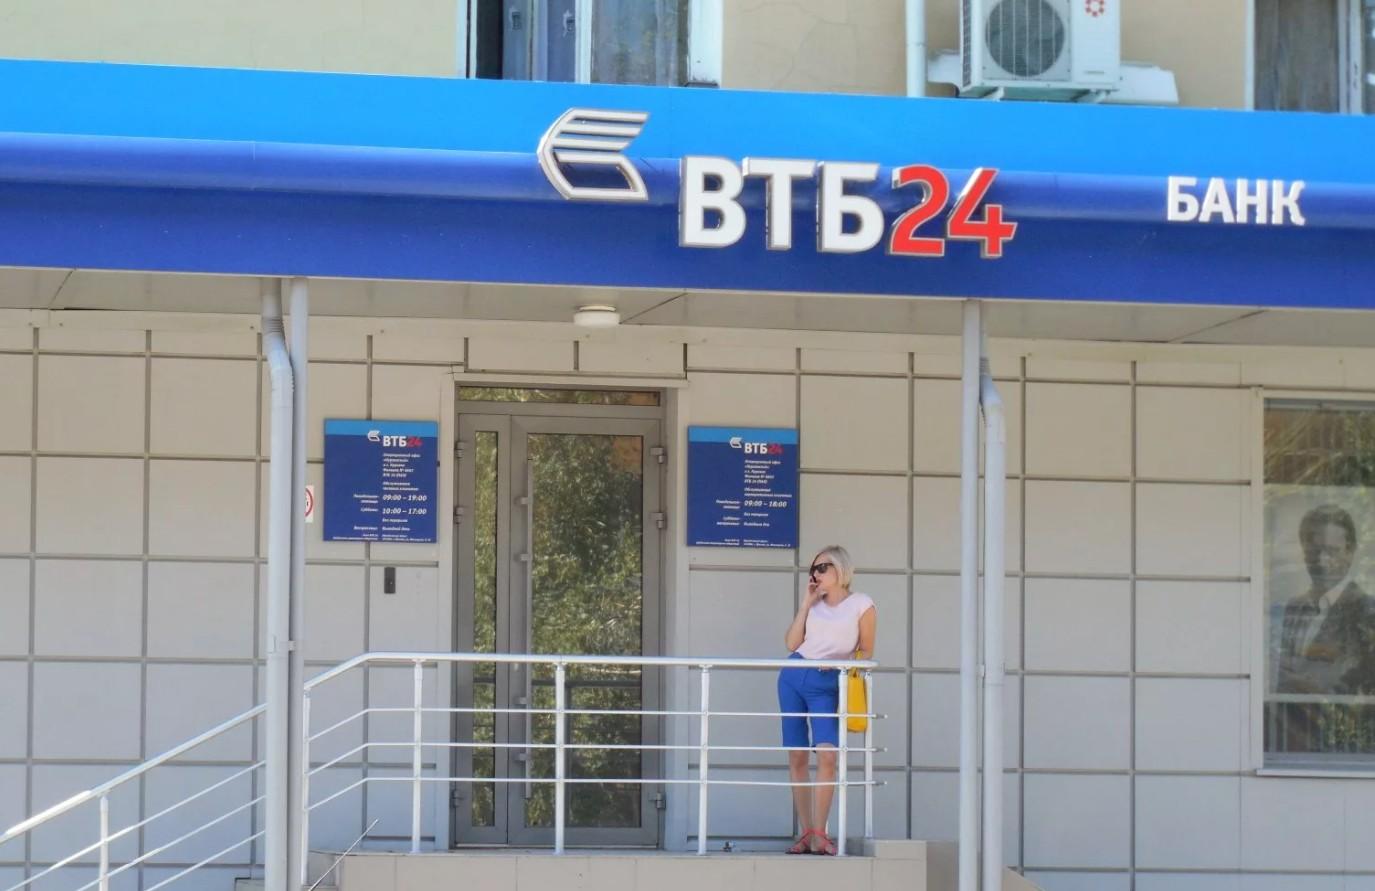 Отделение банка ВТБ в городе Волжский по ул. Мира д. 36Б: подача заявки на кредит онлайн.